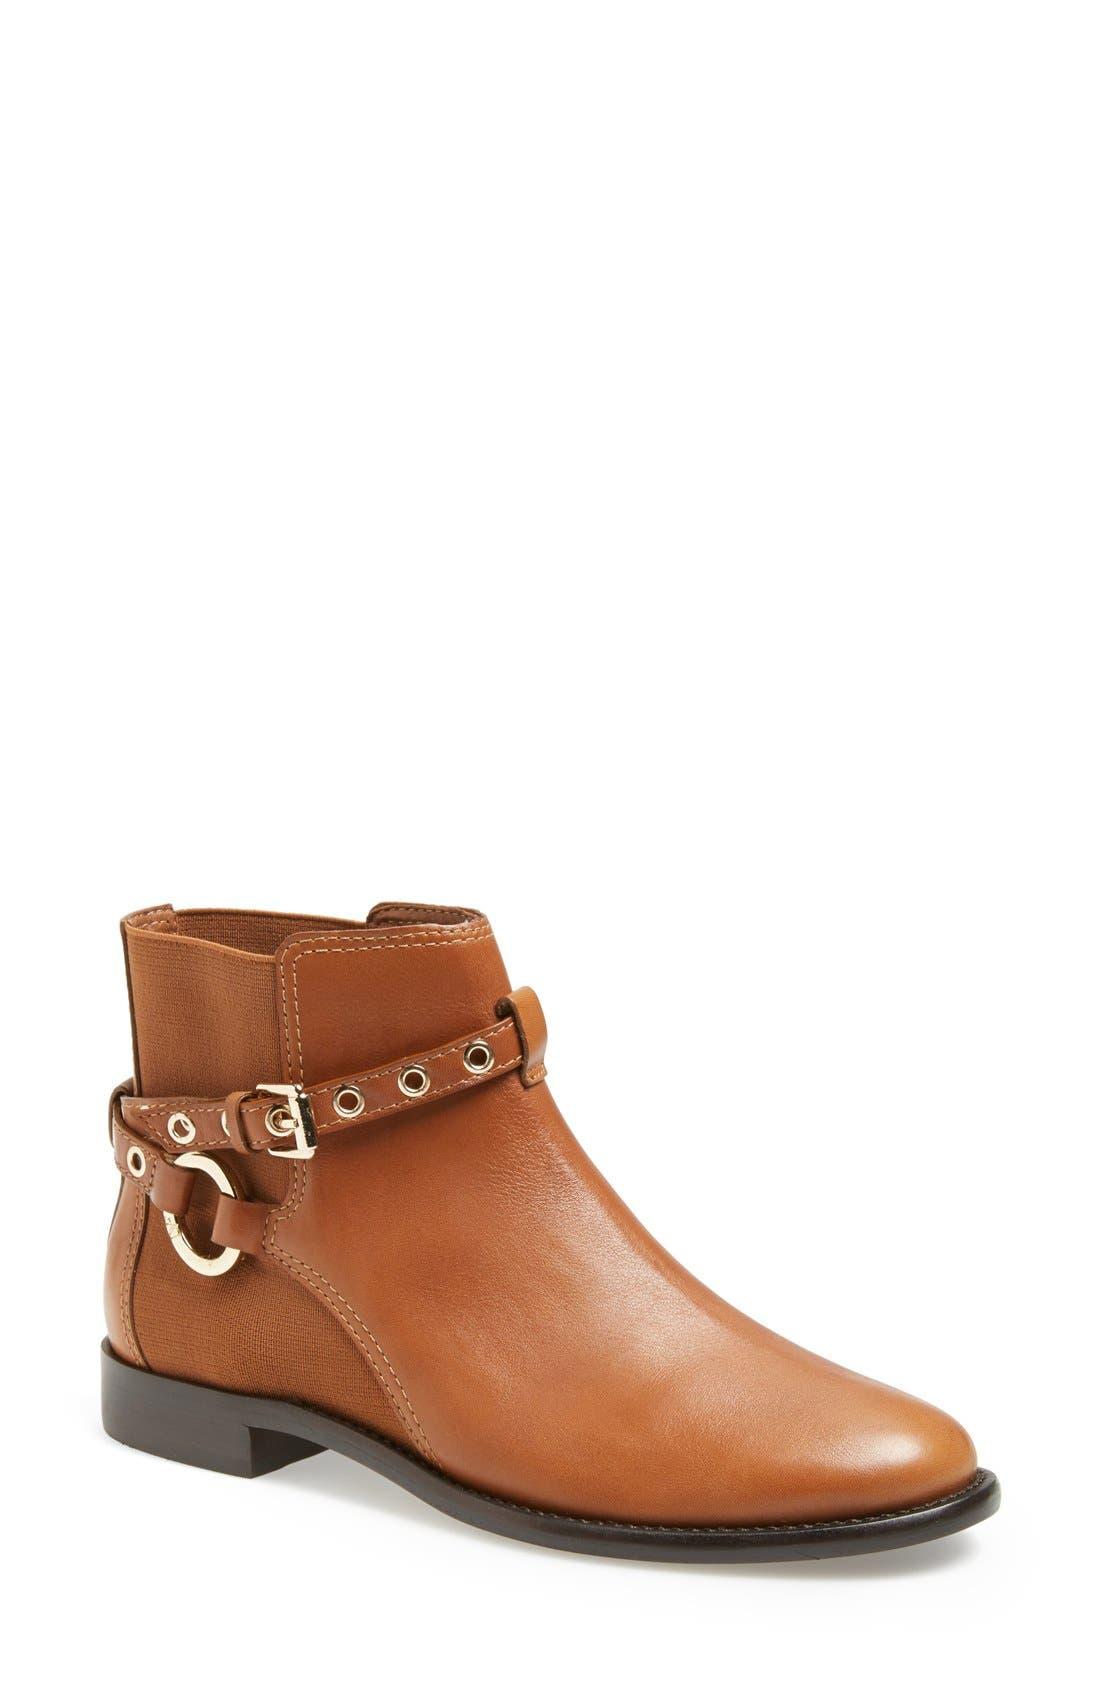 Main Image - Diane von Furstenberg 'Rikki' Leather Boot (Women)